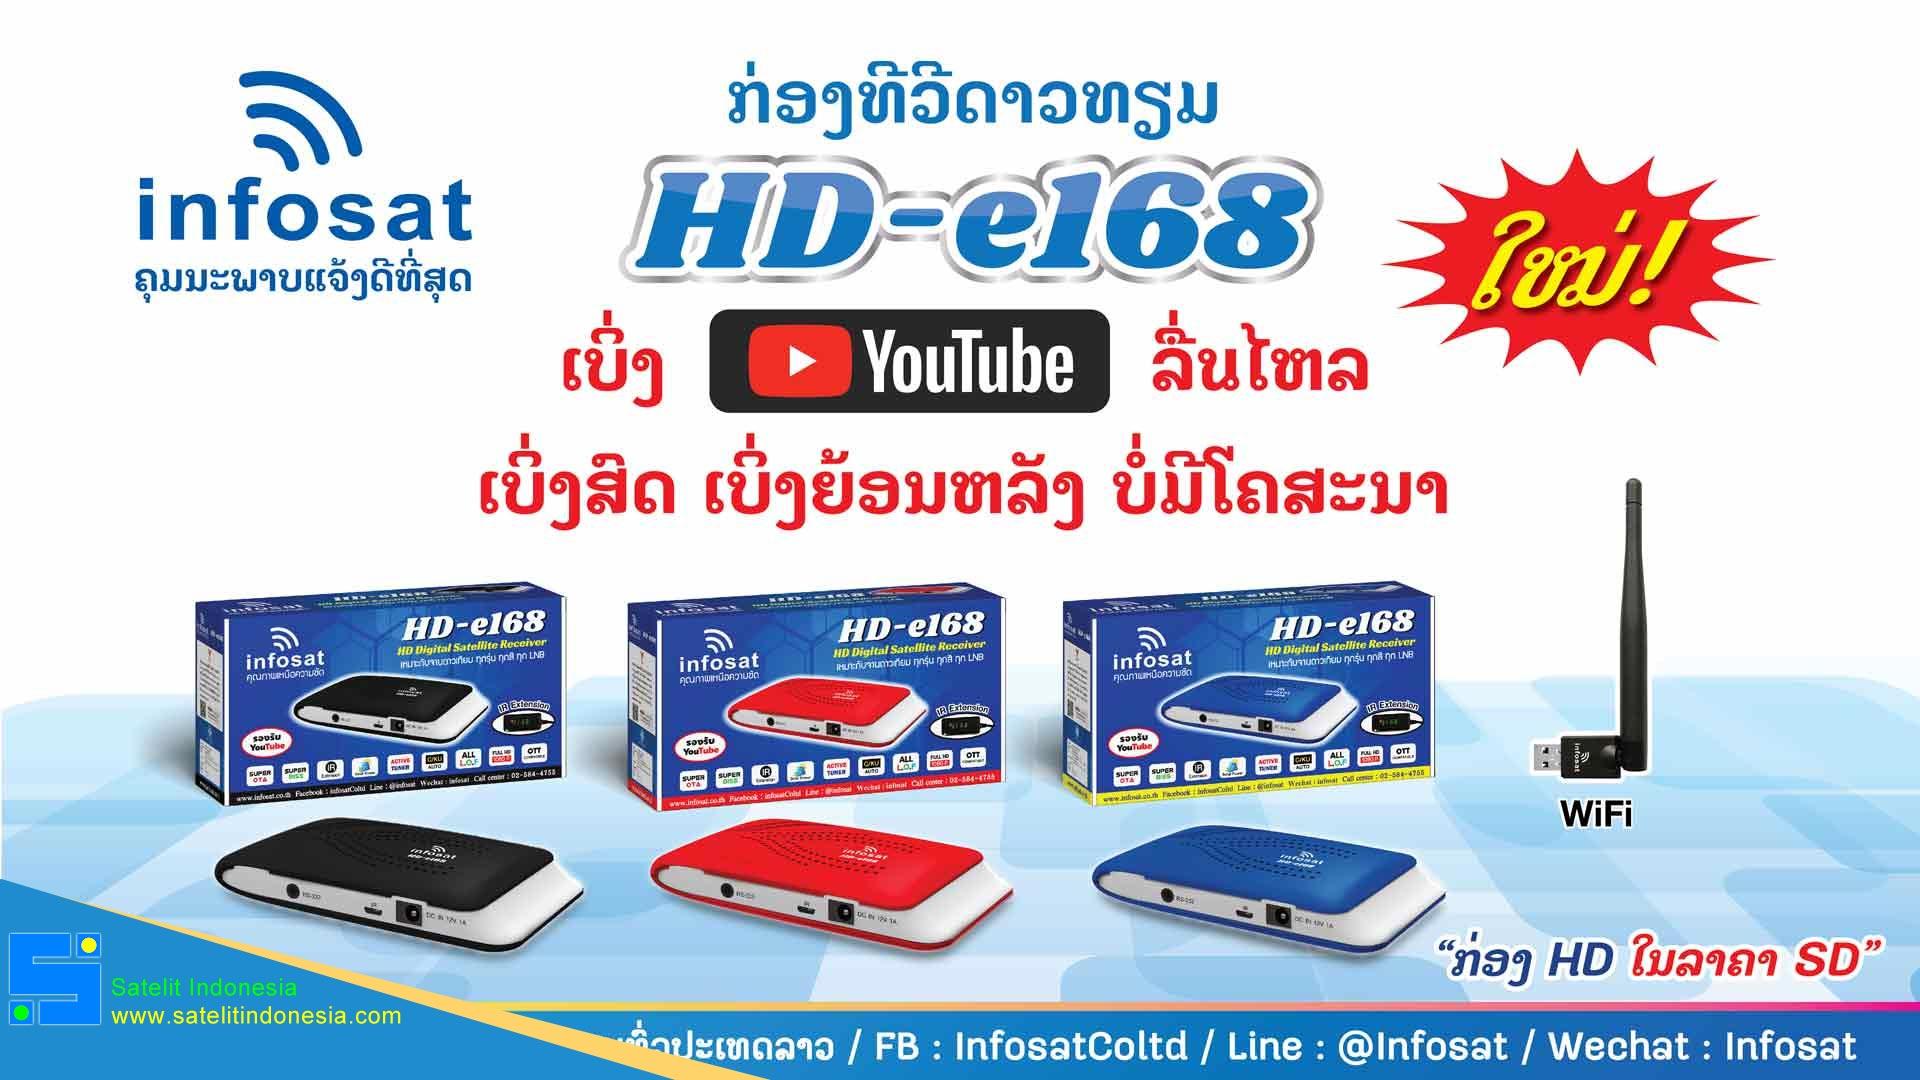 Infosat HD E168 Firmware New Update Software Receiver